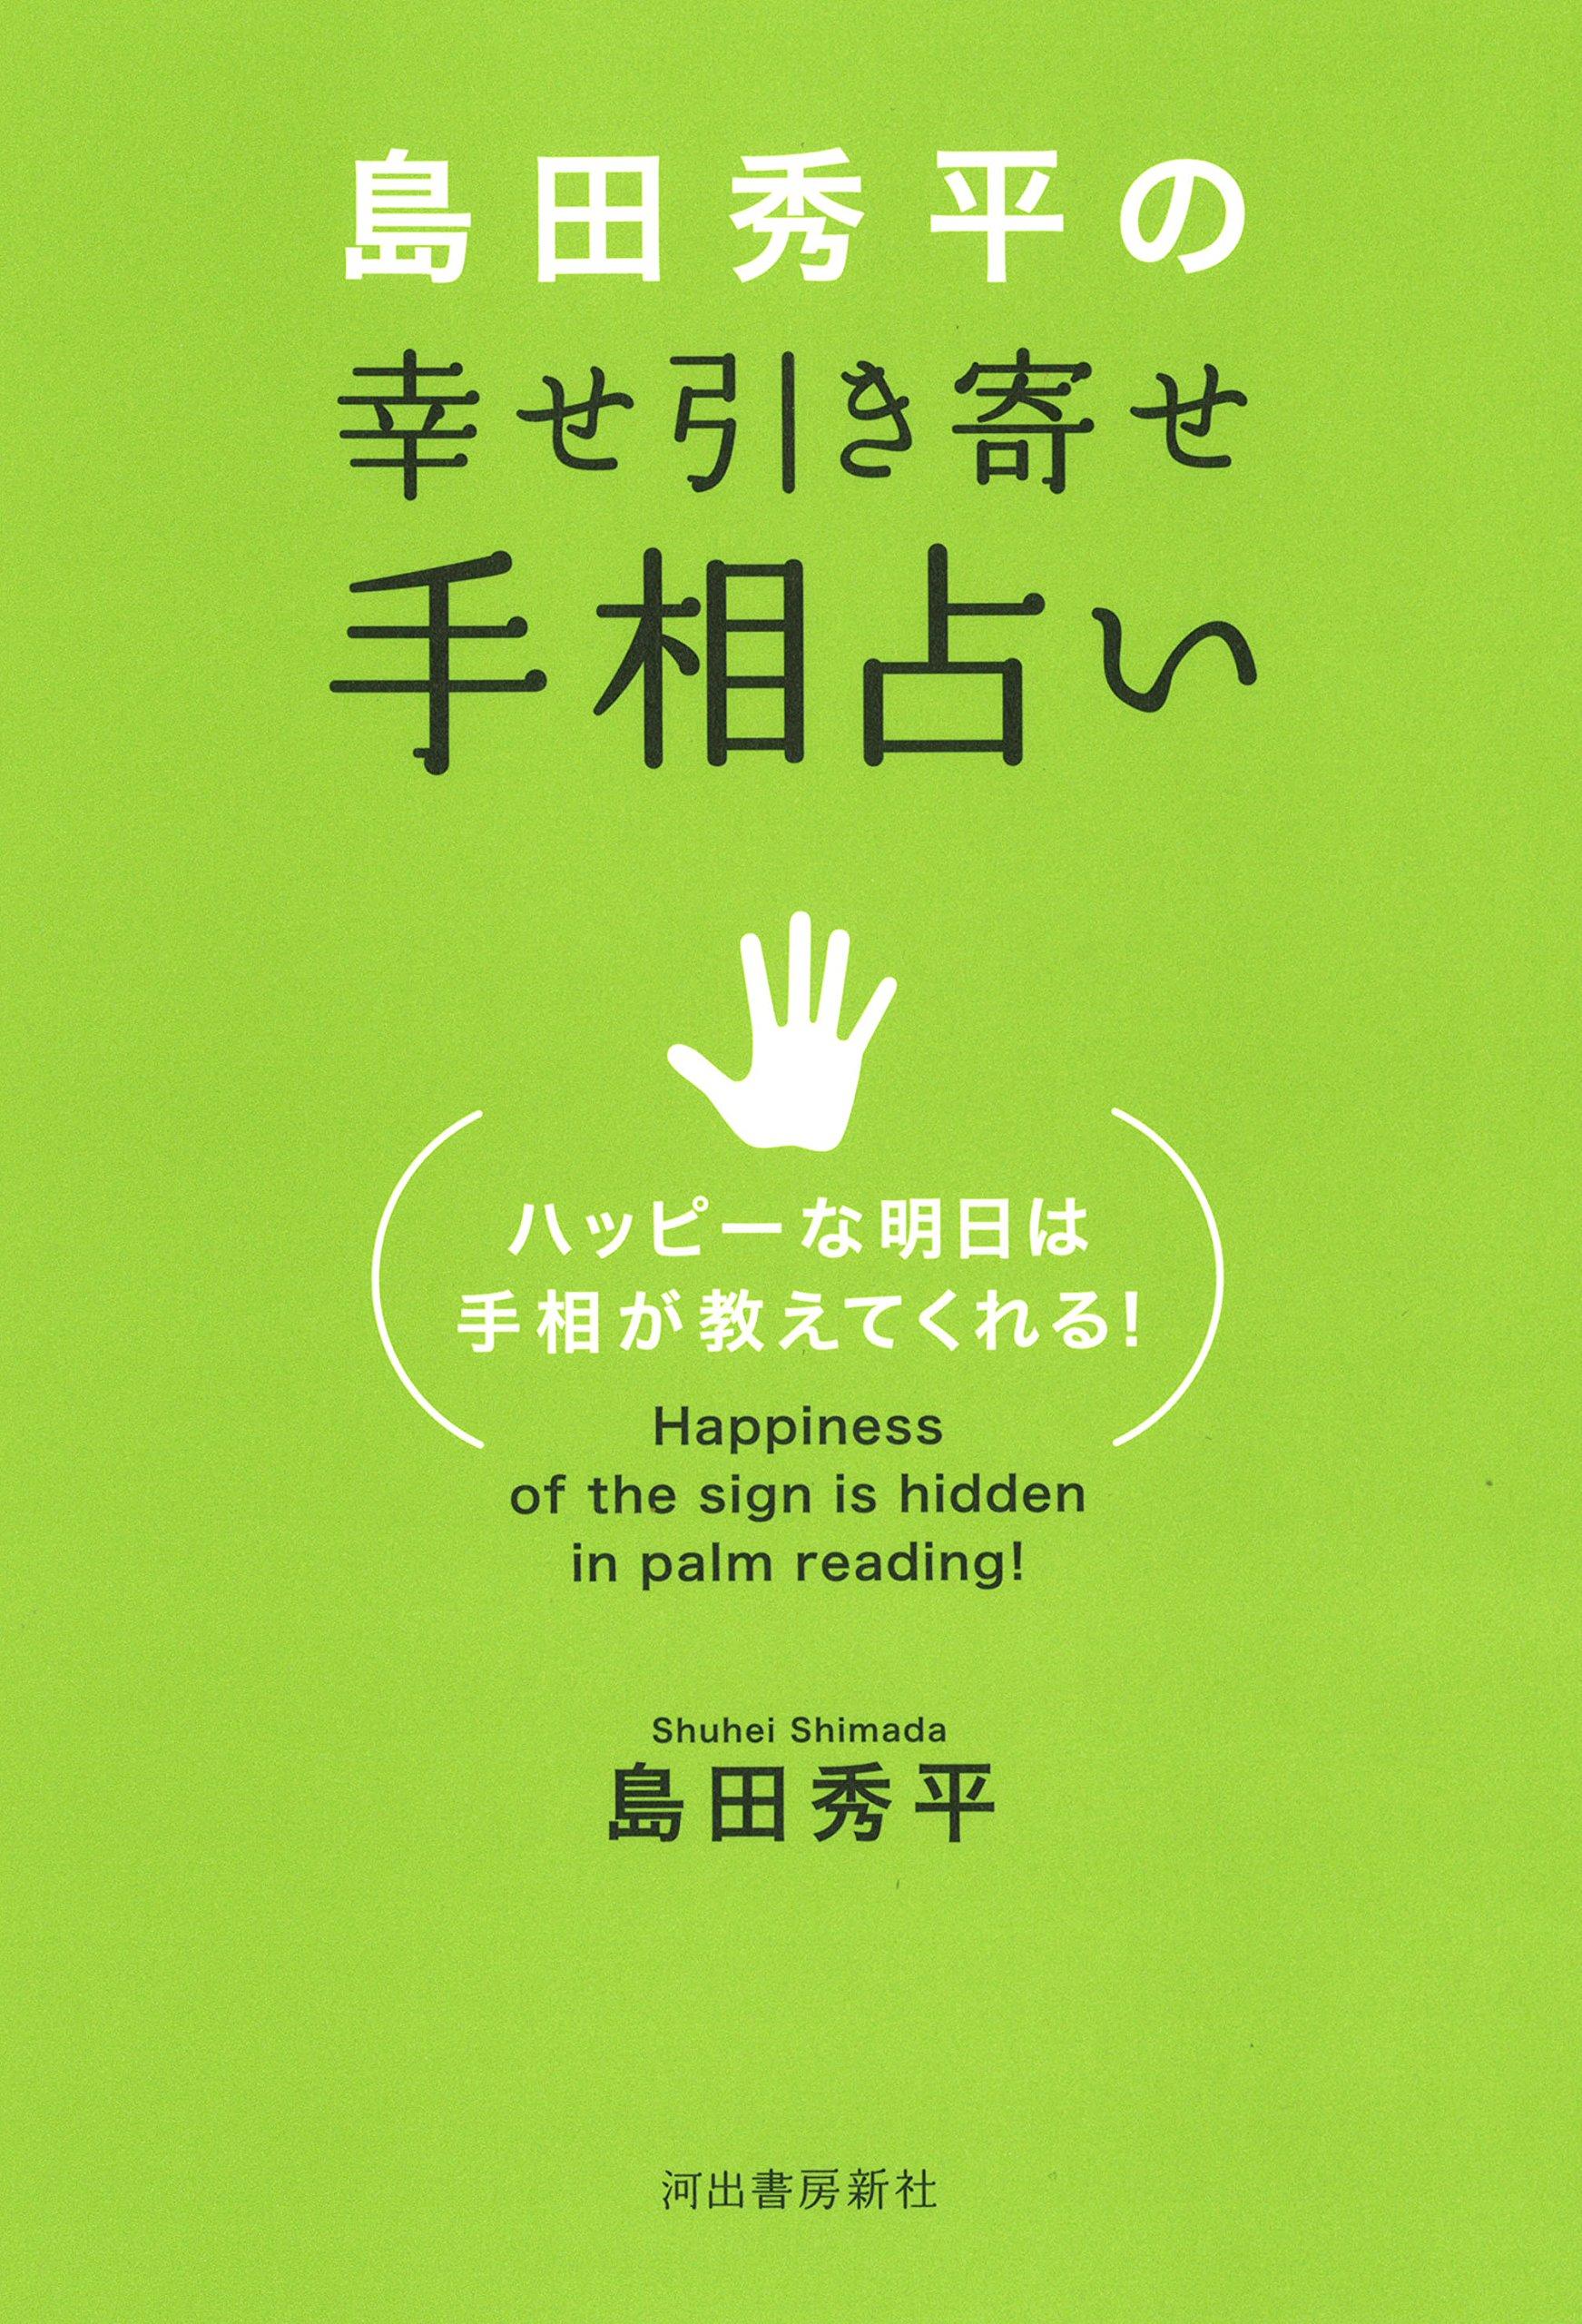 島田 Happy 秀平 Attract Palms Astrology: Gee  Life